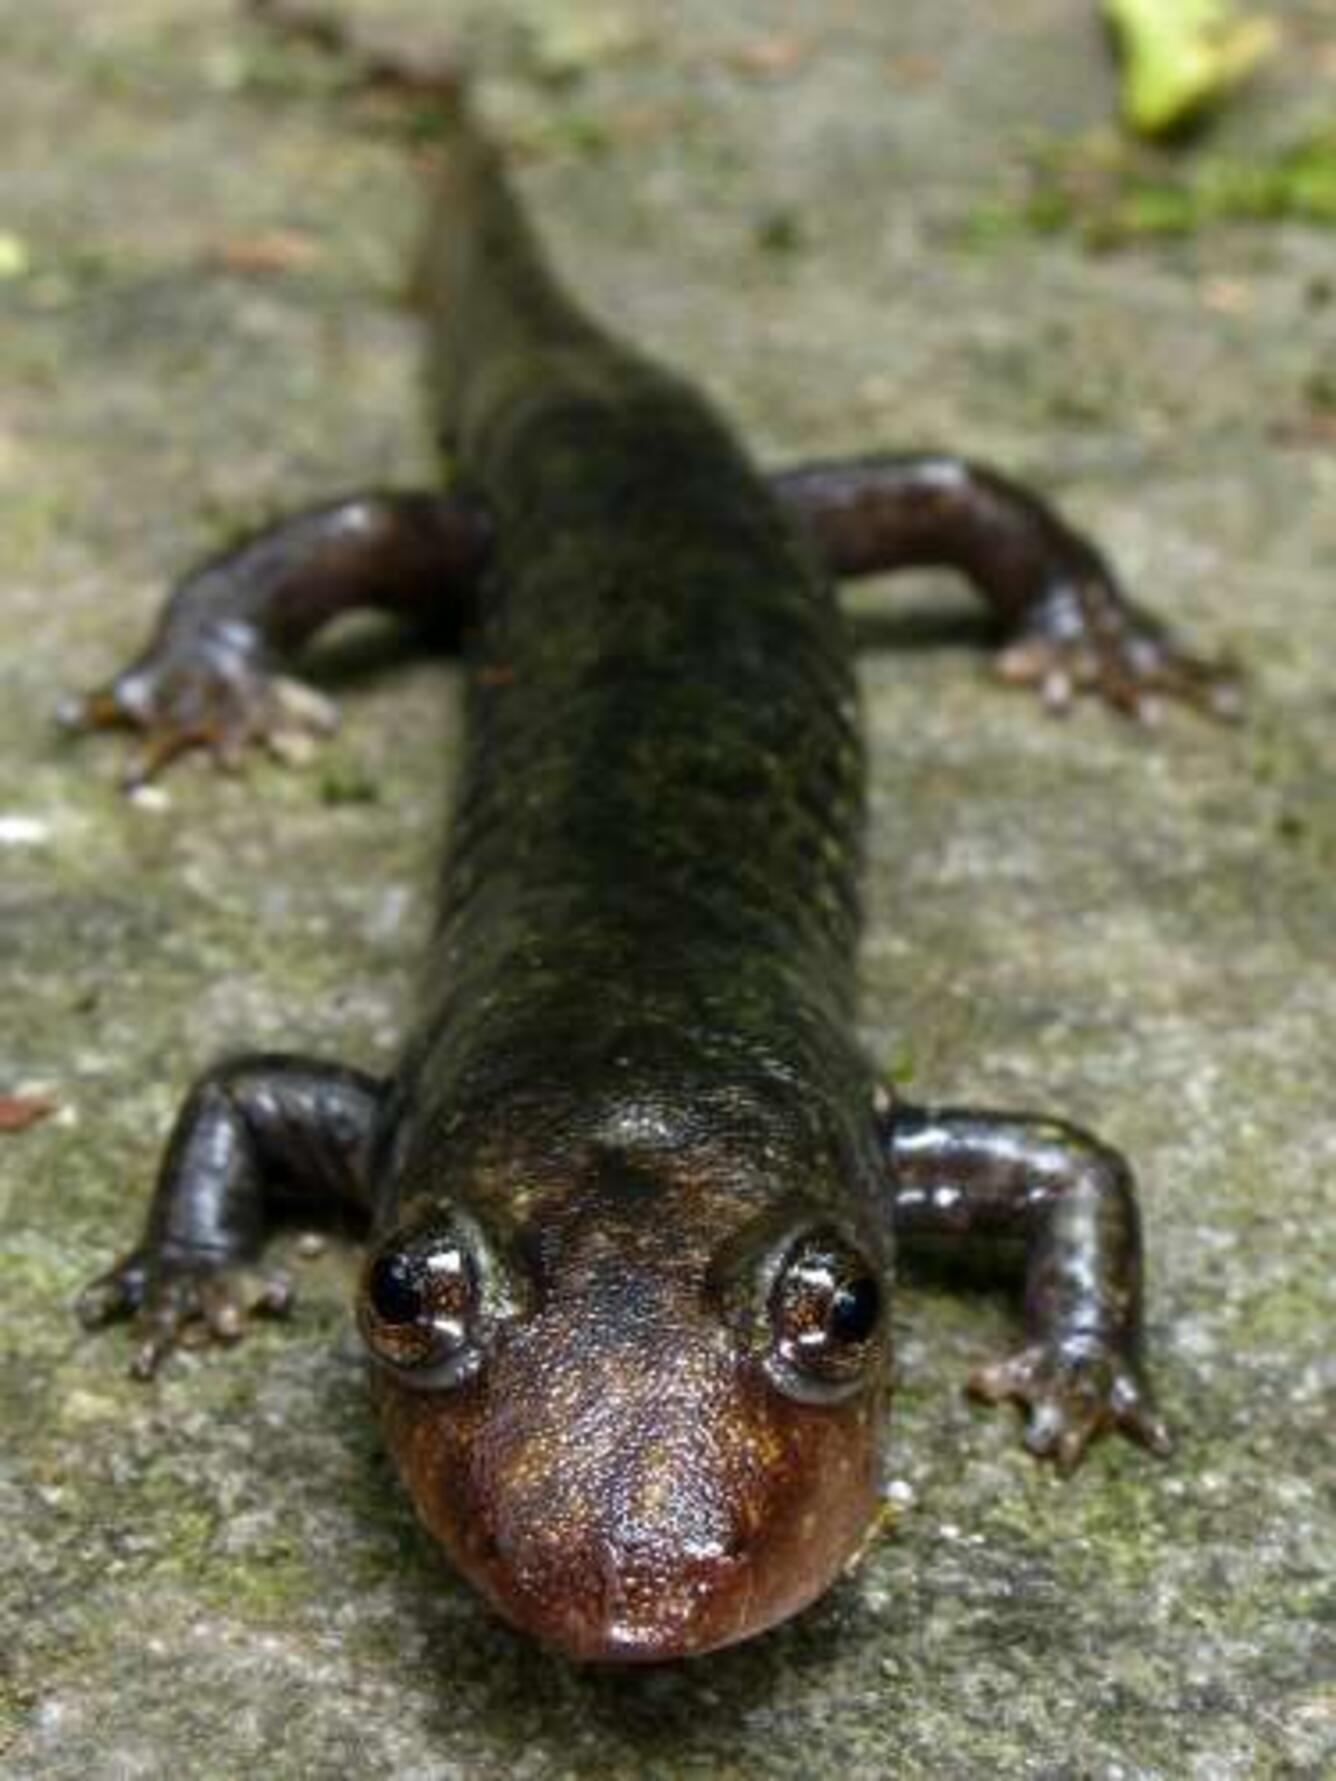 Black bellied salamander